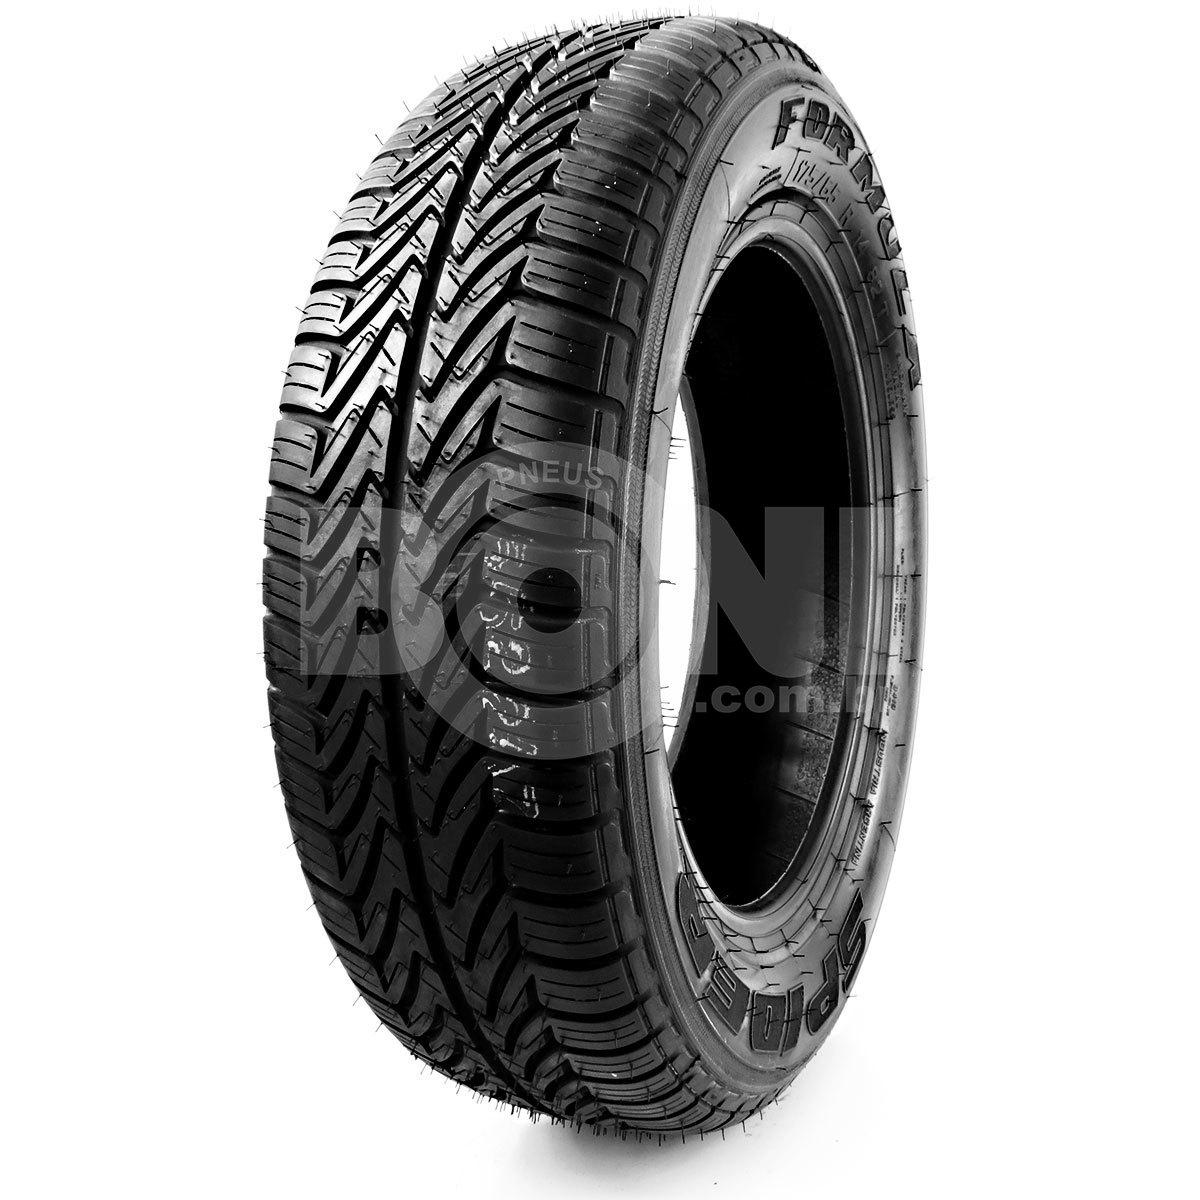 pneu pirelli formula spider e bom